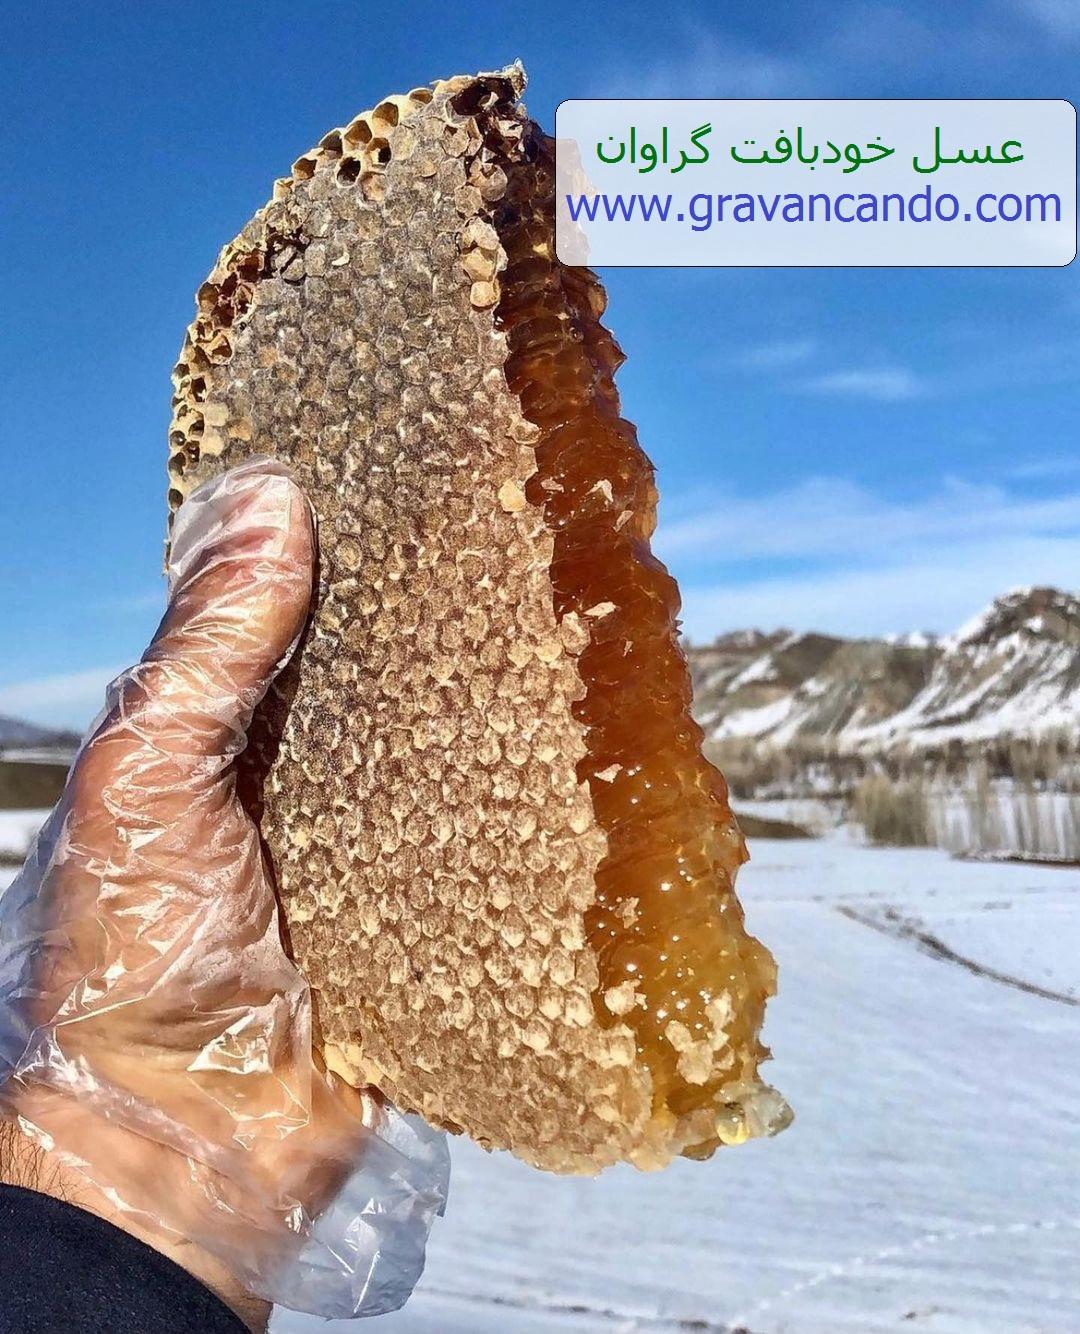 عسل خودبافت گراوان